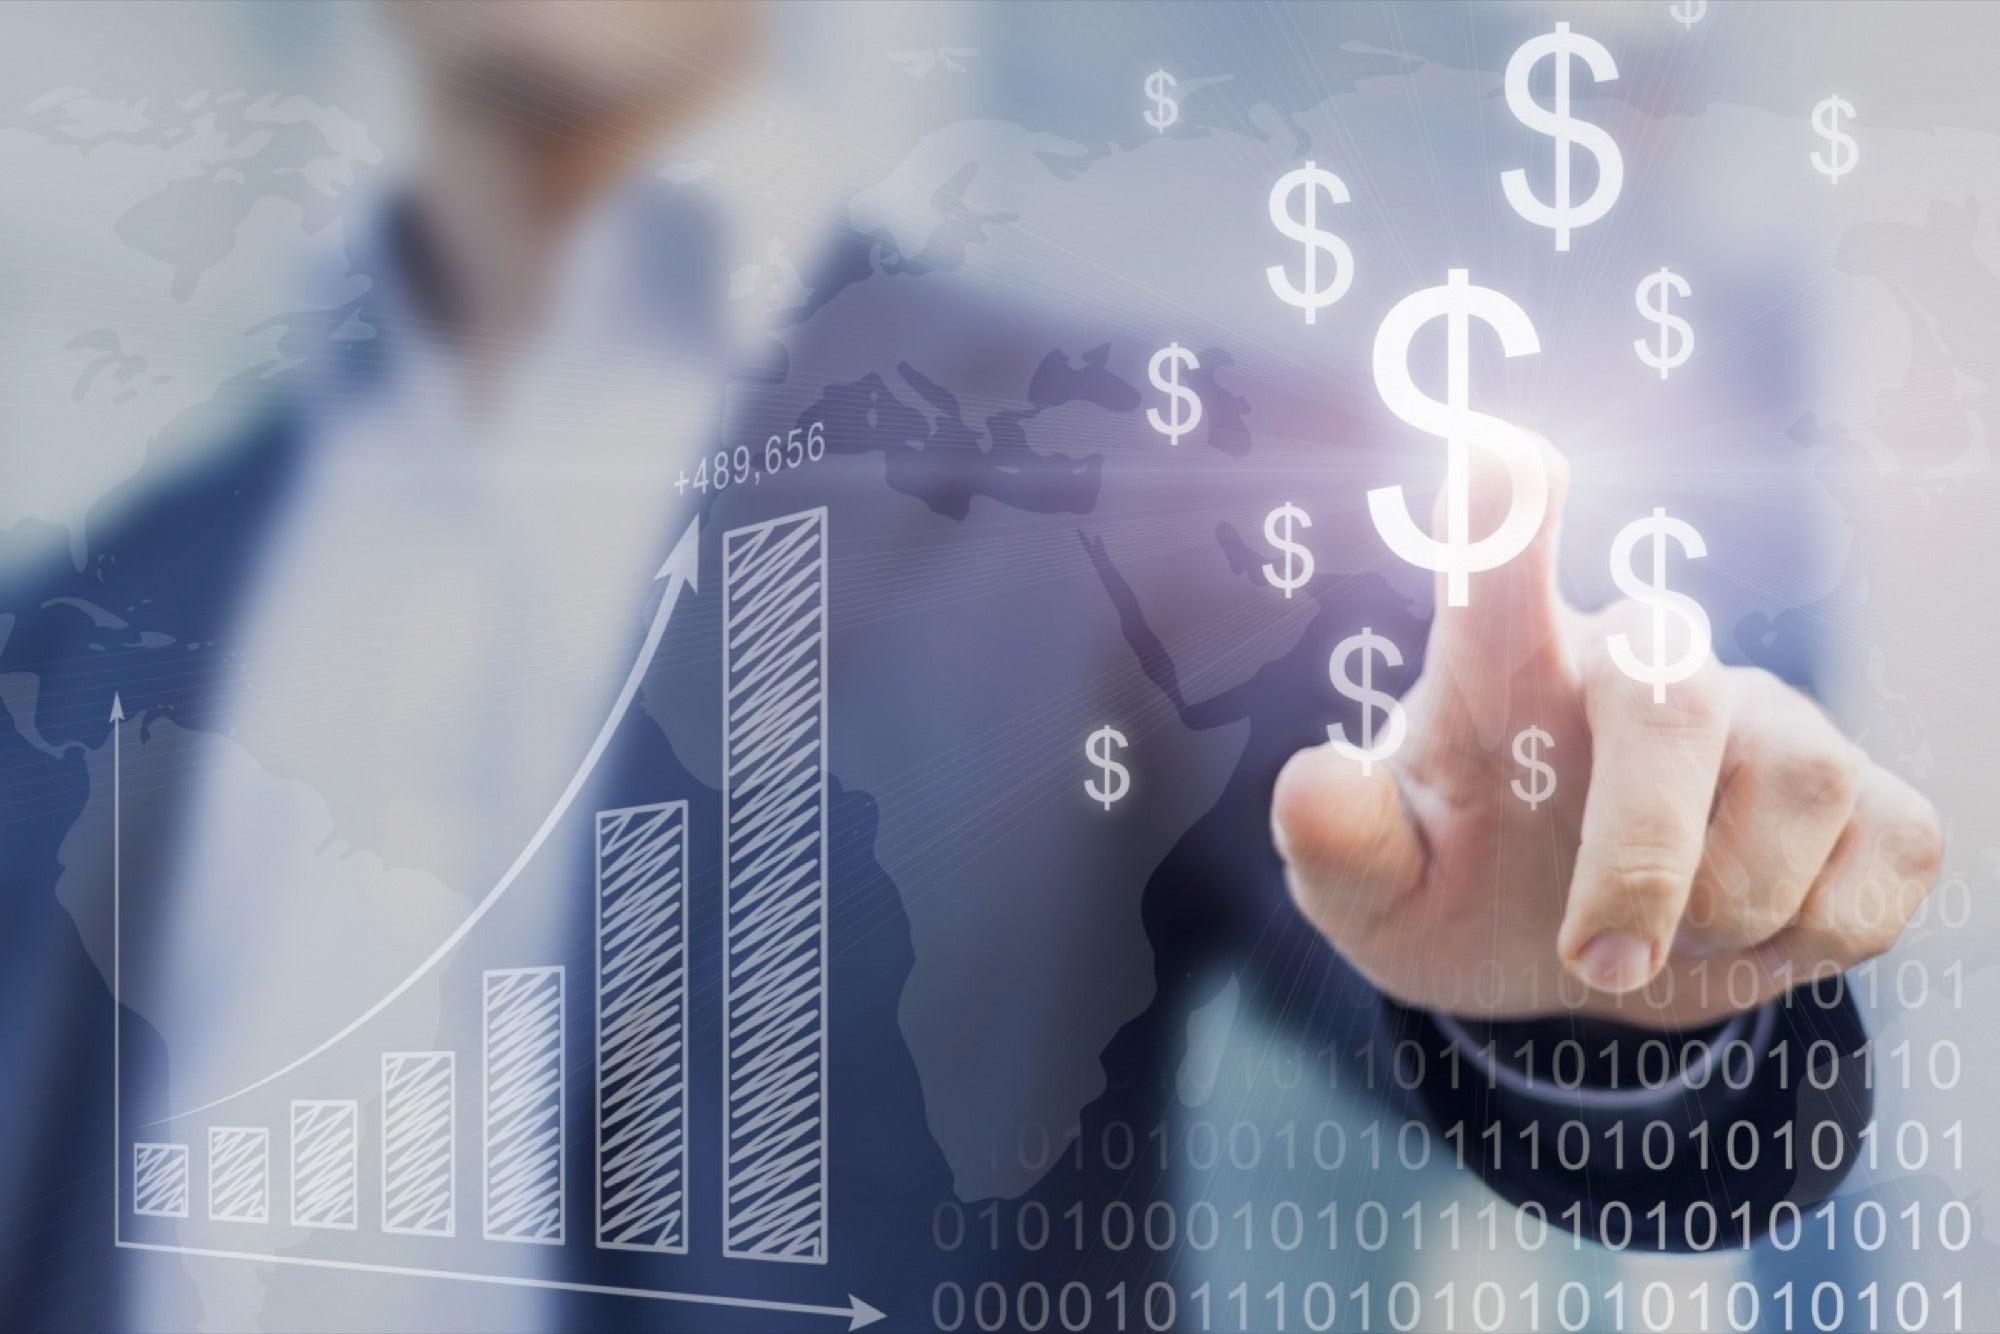 Chi phí triển khai NetSuite ERP trong doanh nghiệp